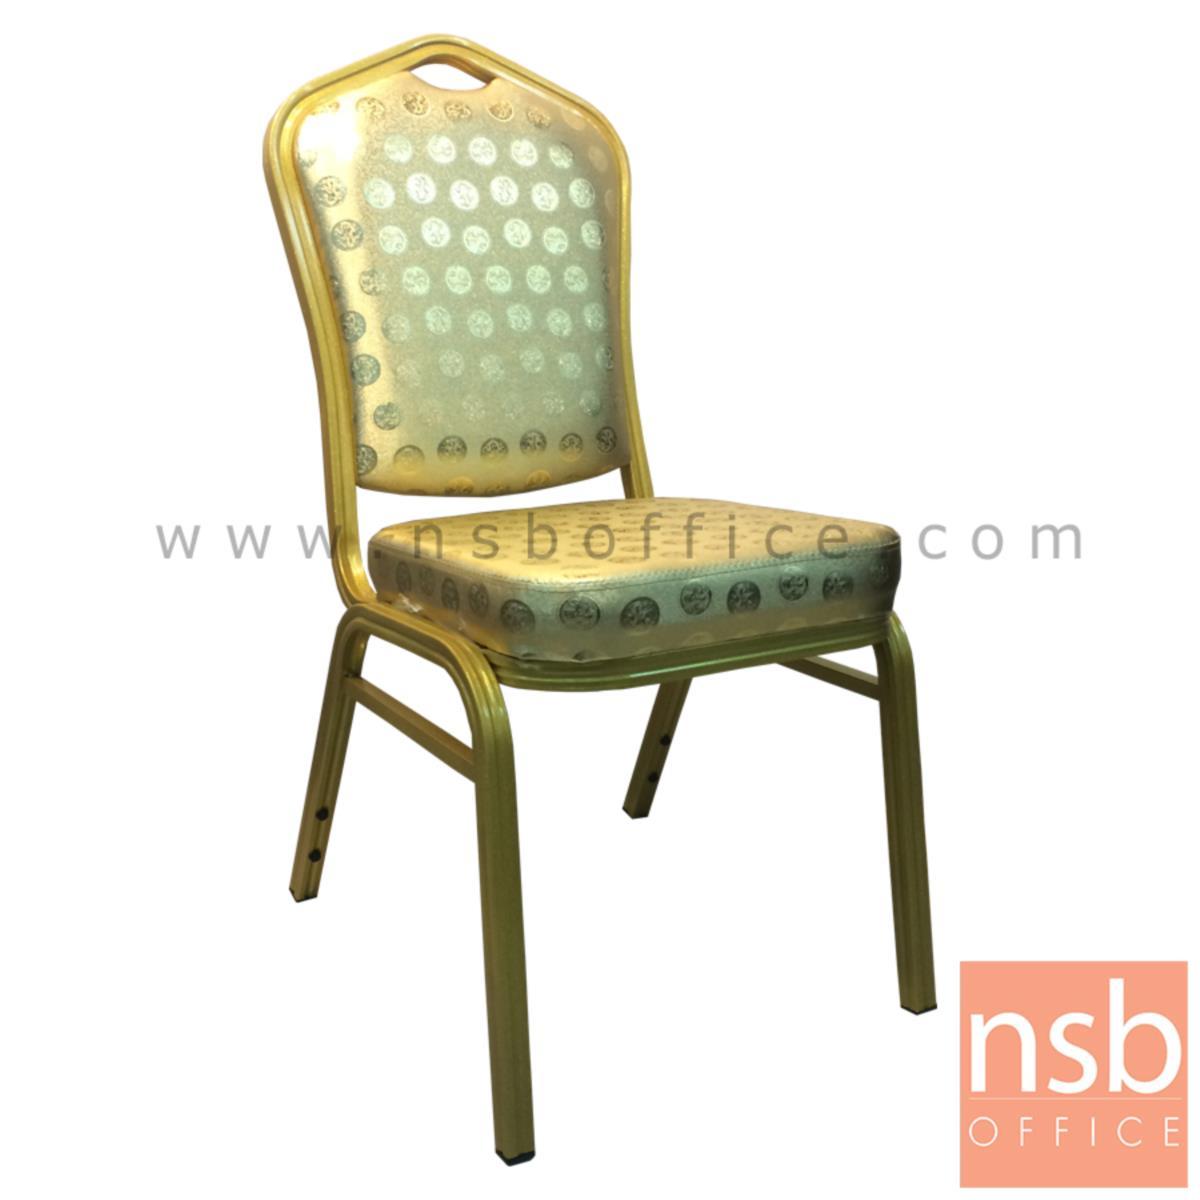 B05A141:เก้าอี้อเนกประสงค์จัดเลี้ยงทรงหลุยส์  ขนาด 95H cm.  ขาเหล็กพ่นสีทอง